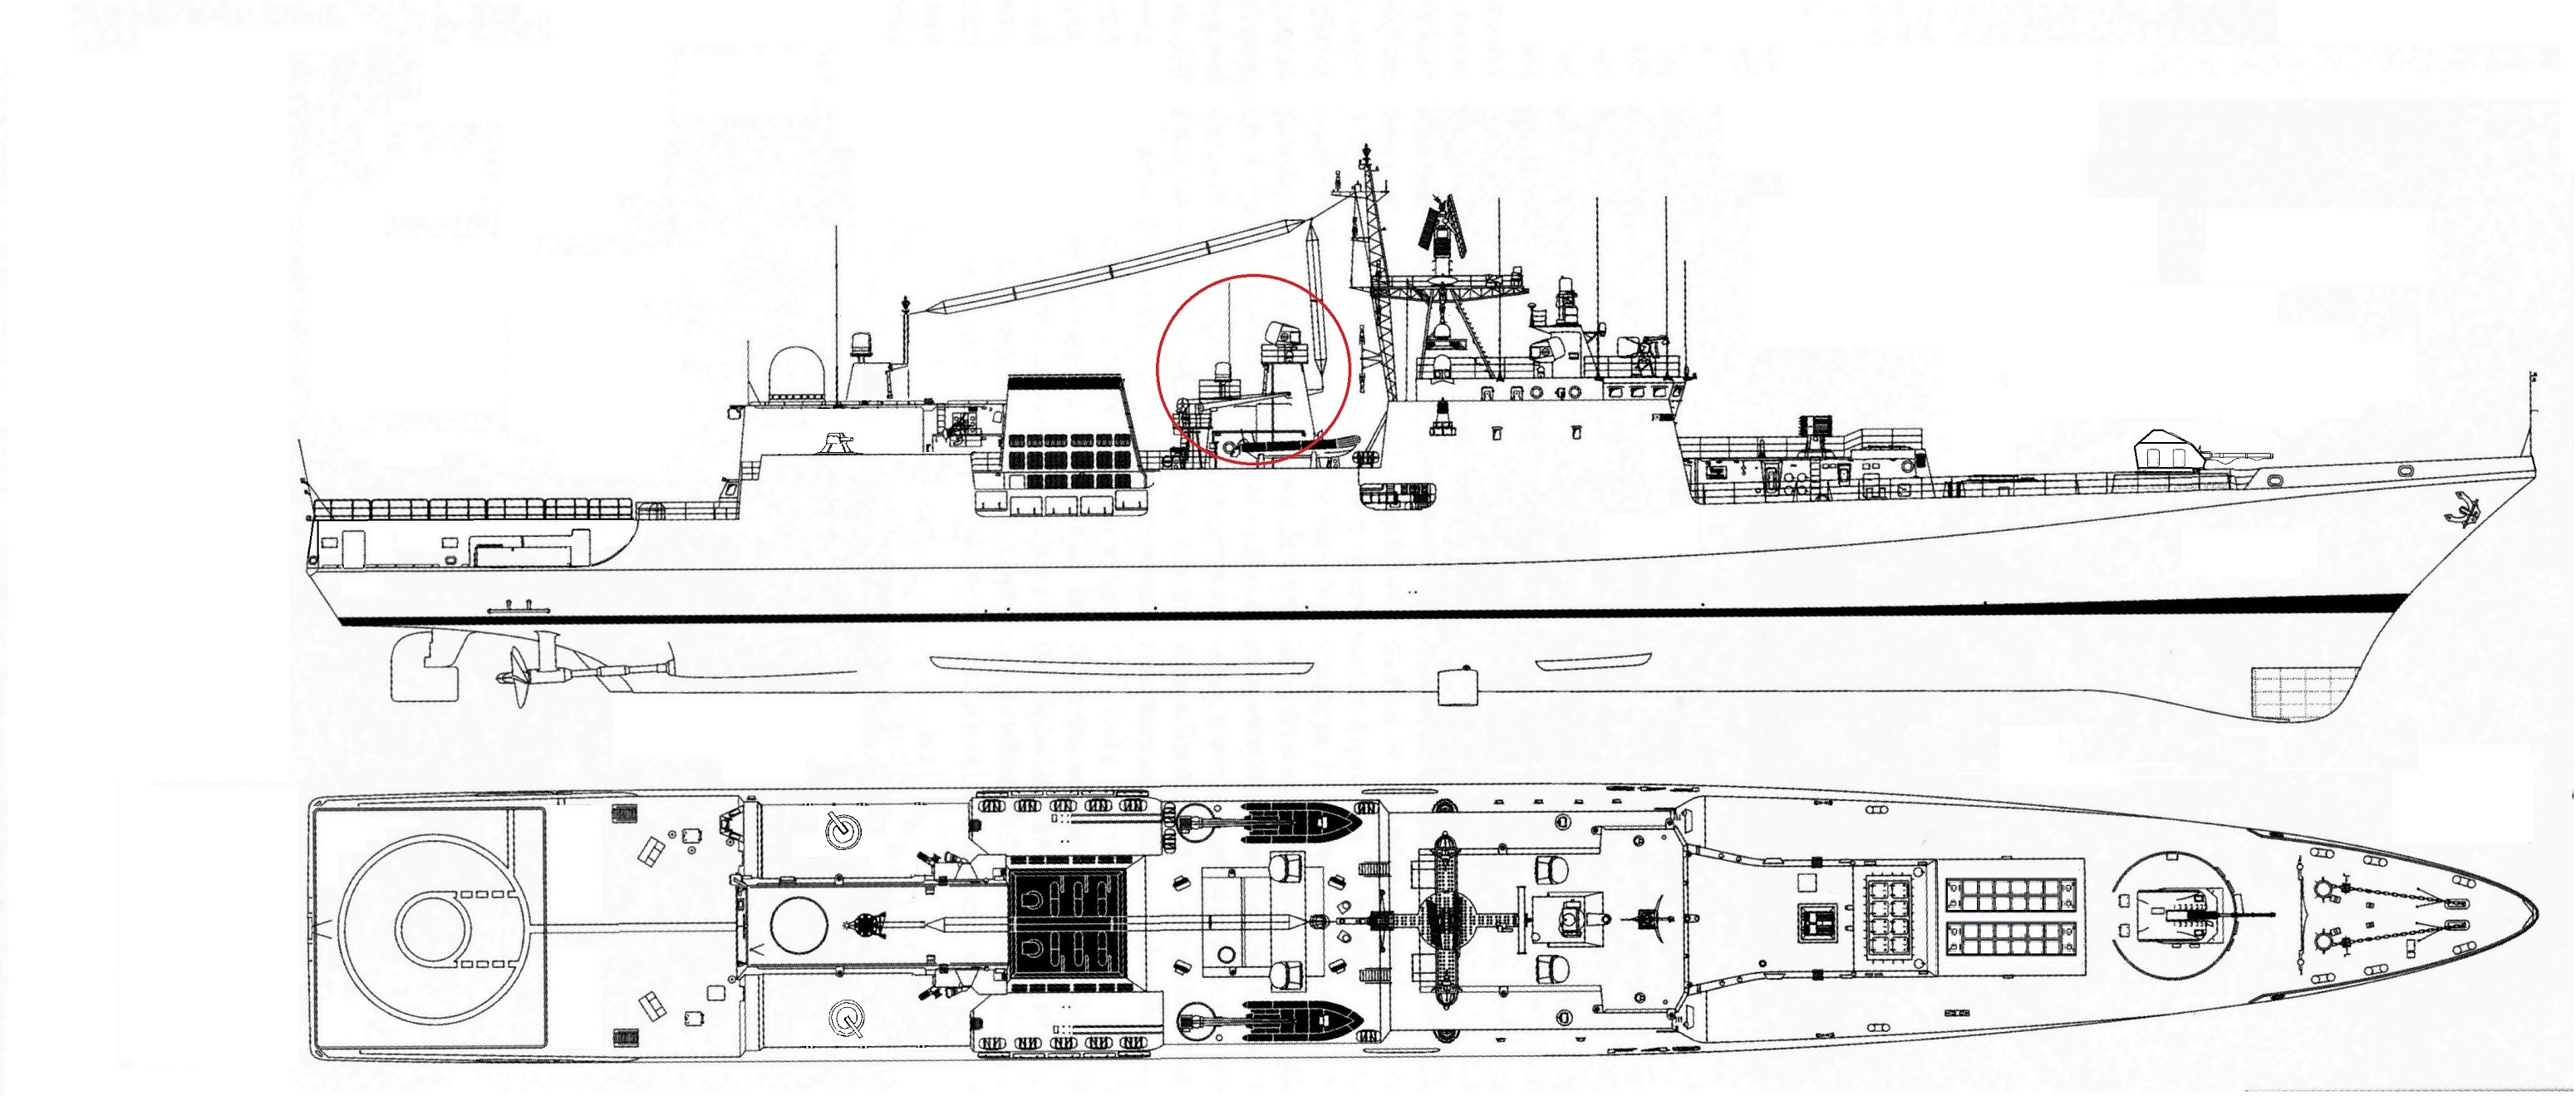 P11356R.jpg